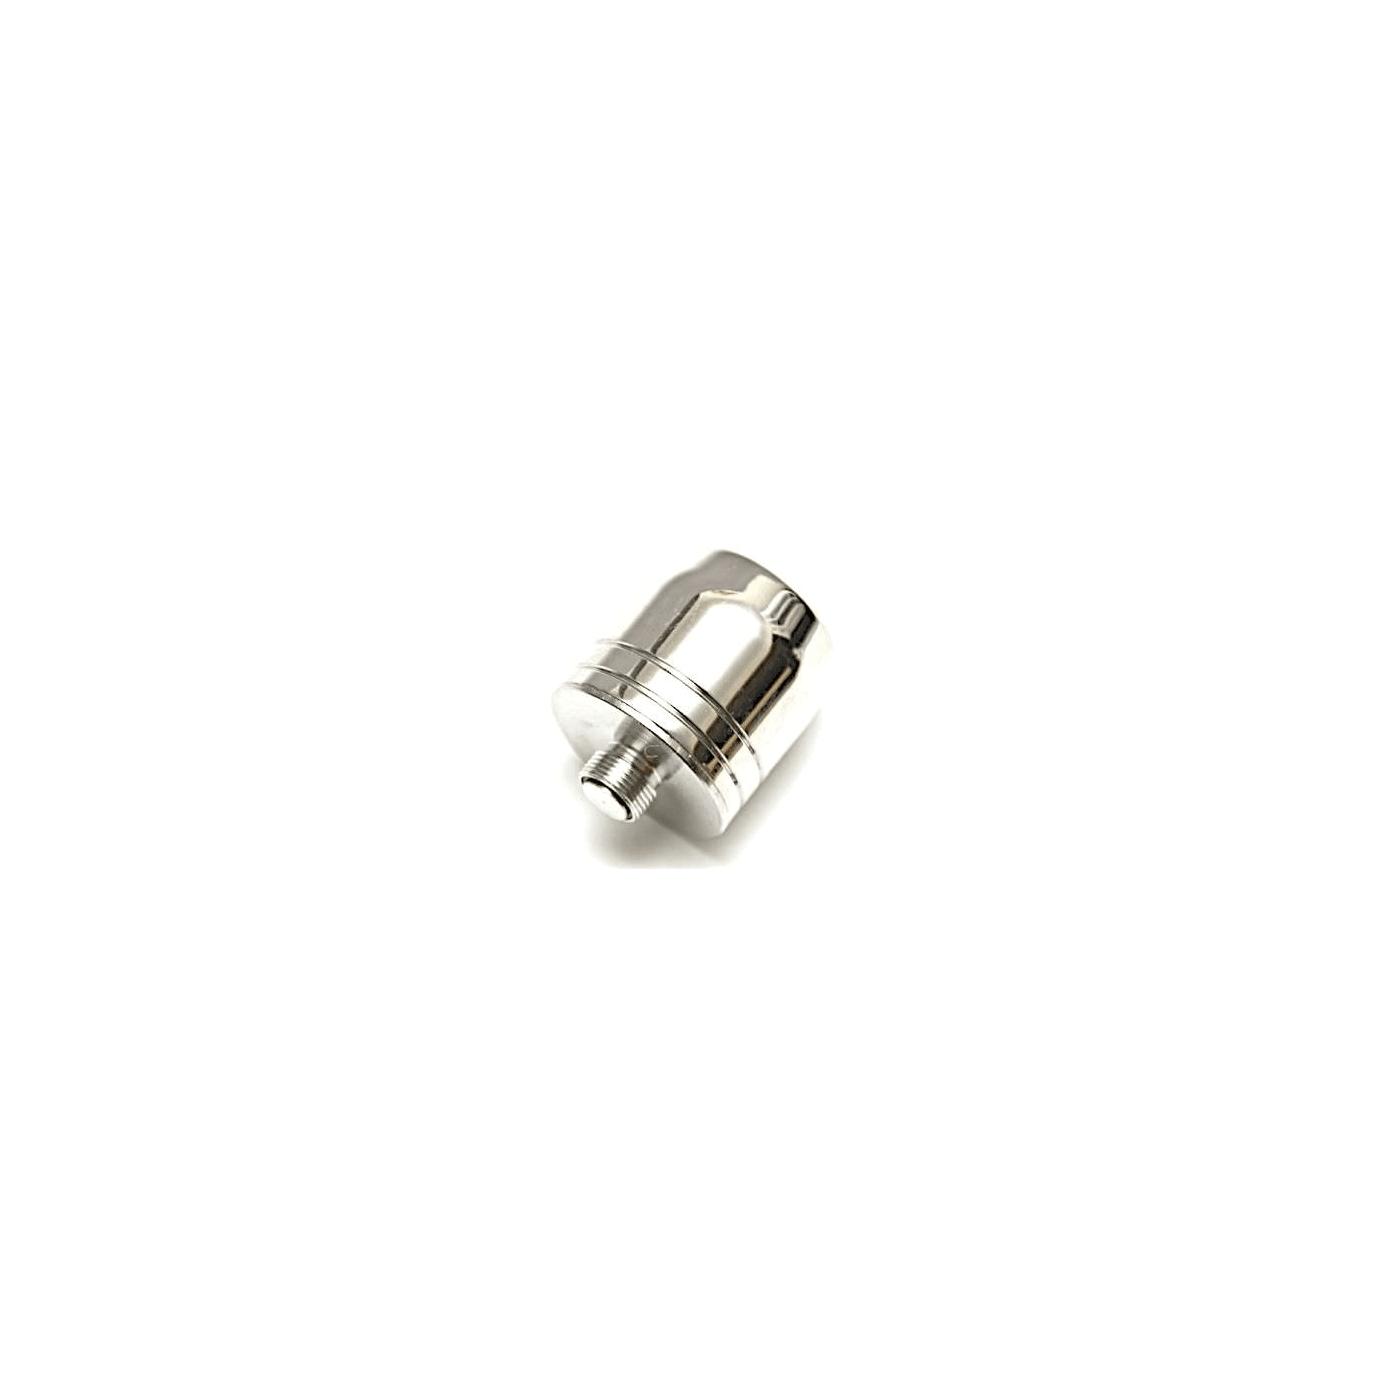 IGO-L Rebuildable Atomizer